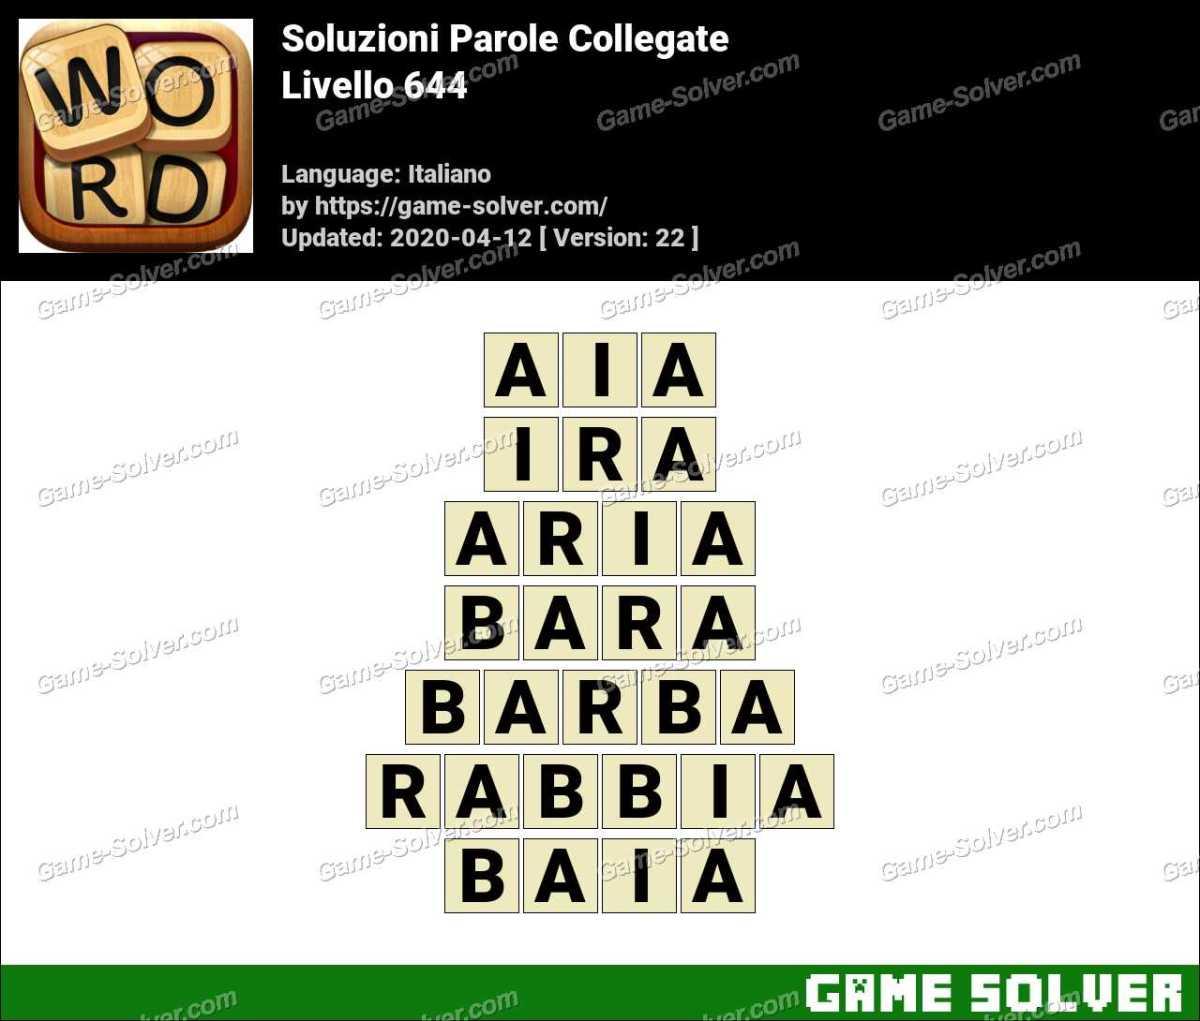 Soluzioni Parole Collegate Livello 644